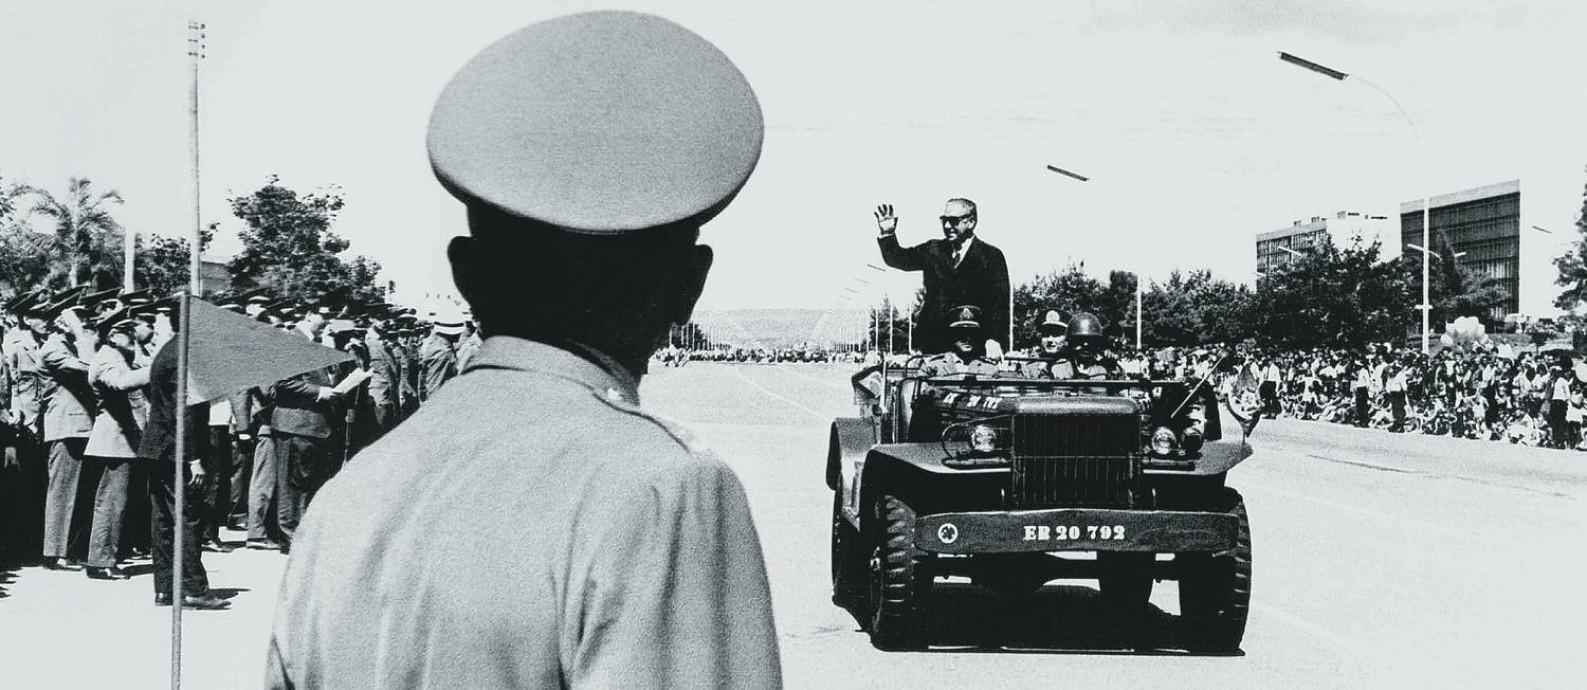 Artur da Costa e Silva desfila em jipe militar após ser empossado presidente da República, em março de 1967 Foto: Orlando Brito